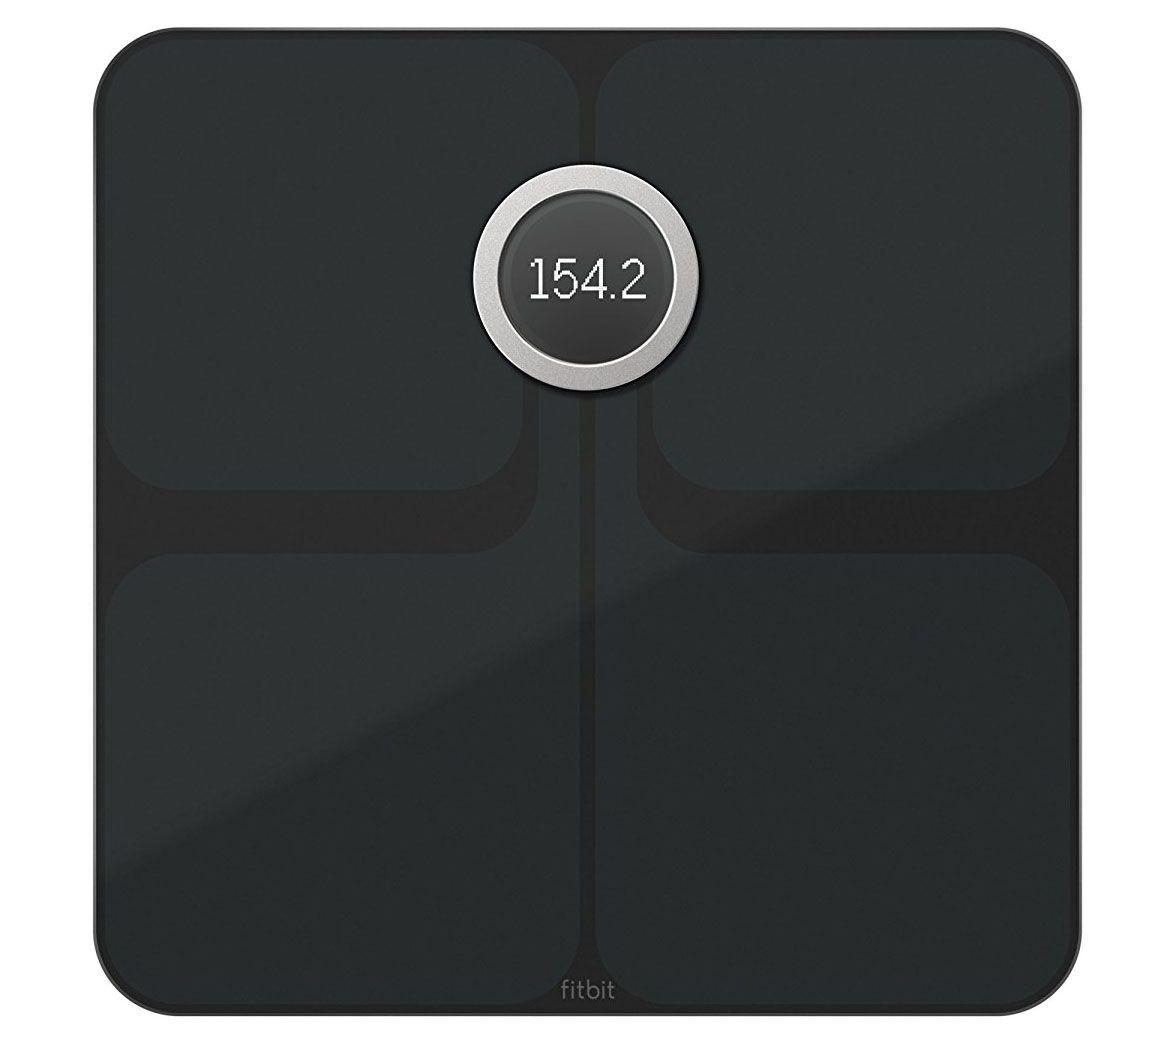 fitbit aria 2 wi fi smart scale page 1 qvc com rh qvc com Fitbit Ultra Fitbit Wi-Fi Scale